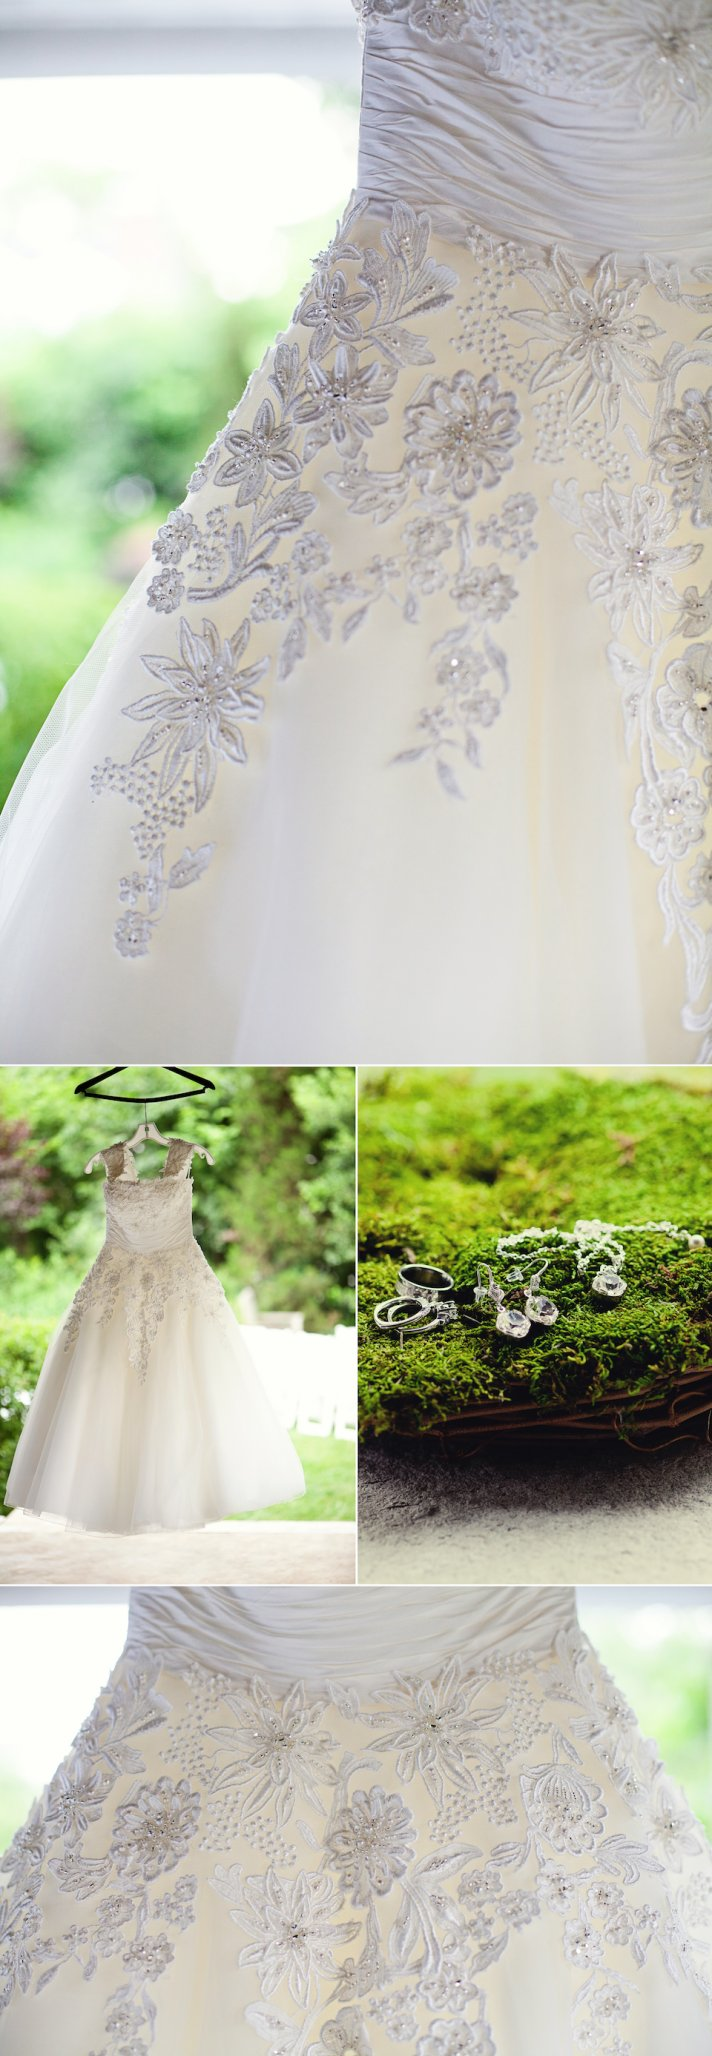 Kansas City Wedding - Beautifully Embellished Wedding Dress